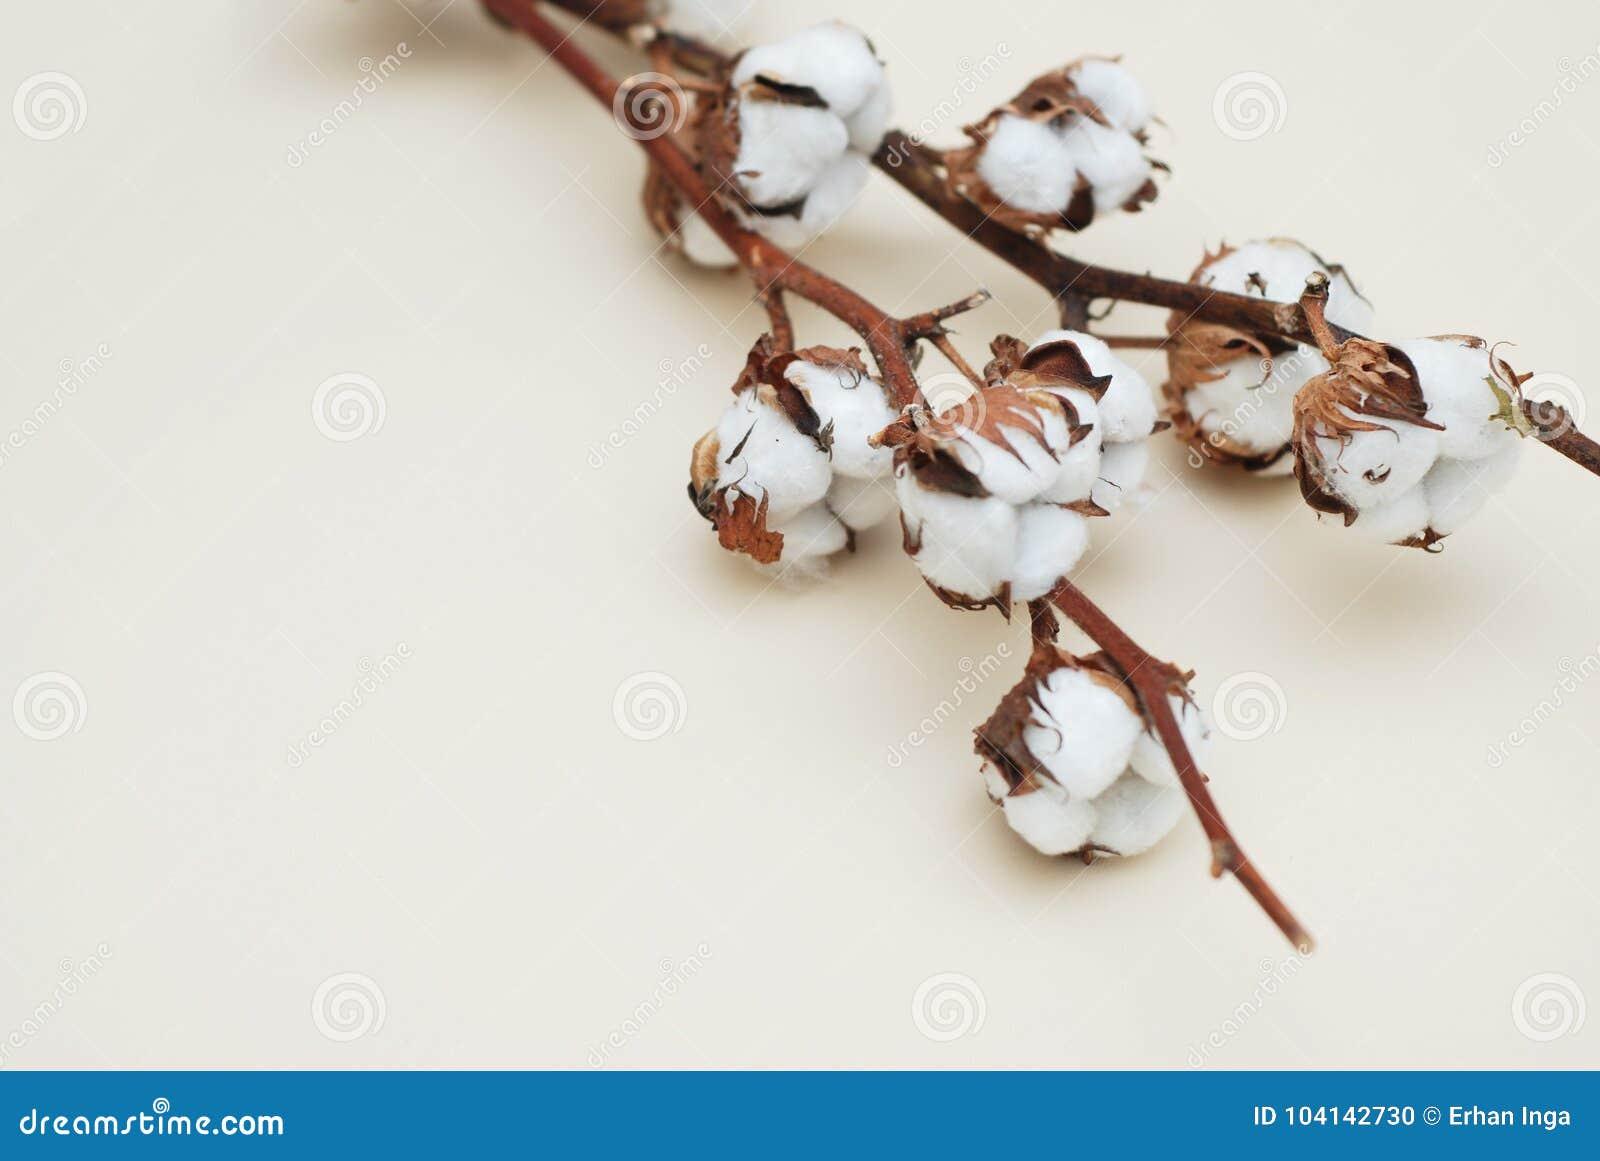 Branche Fleur De Coton fin sèche de branche de fleur de coton sur le fond en ivoire